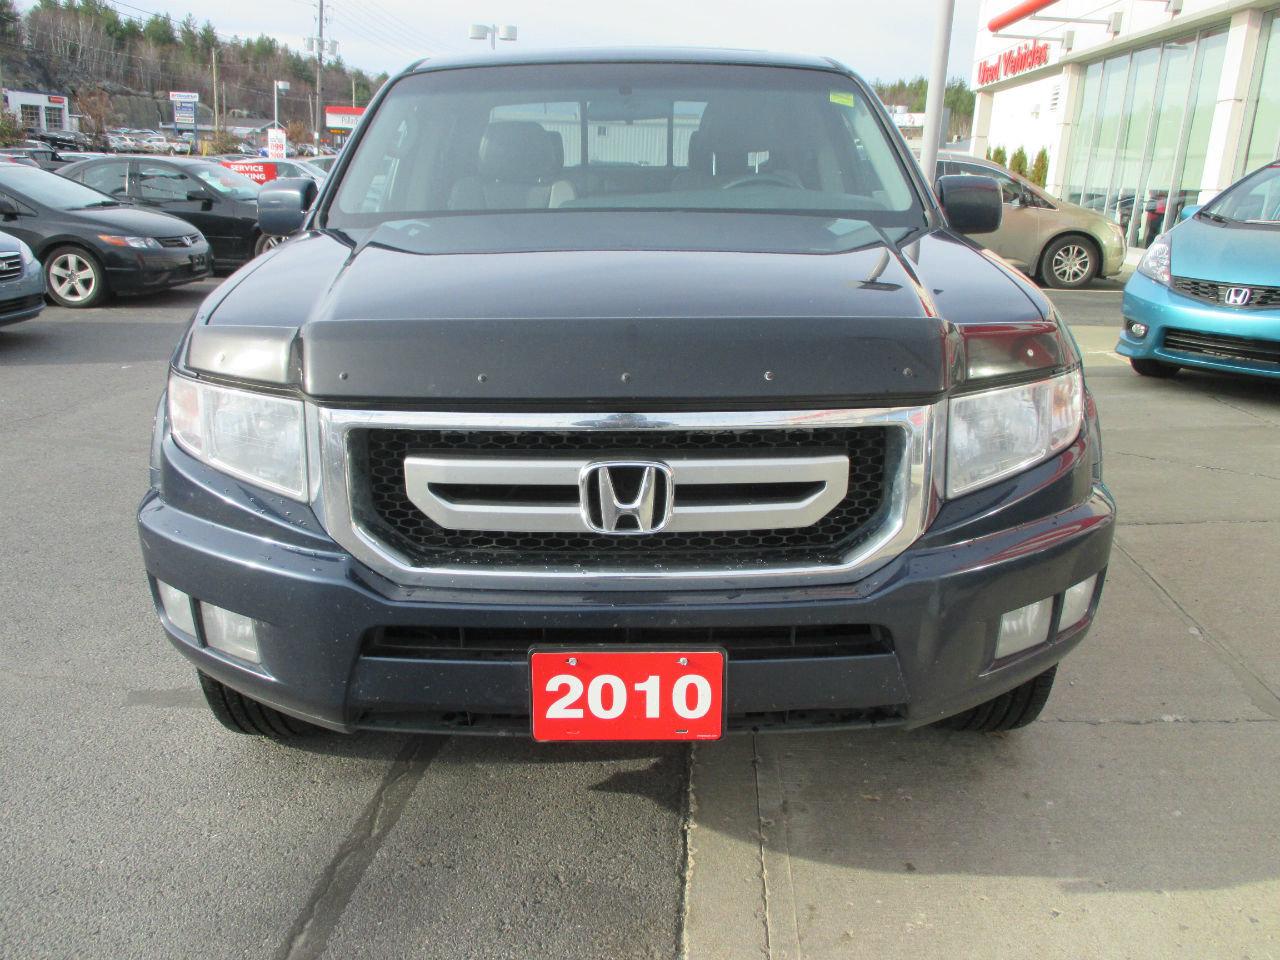 2010 Honda Ridgeline Prices Specs Reviews Motor Trend